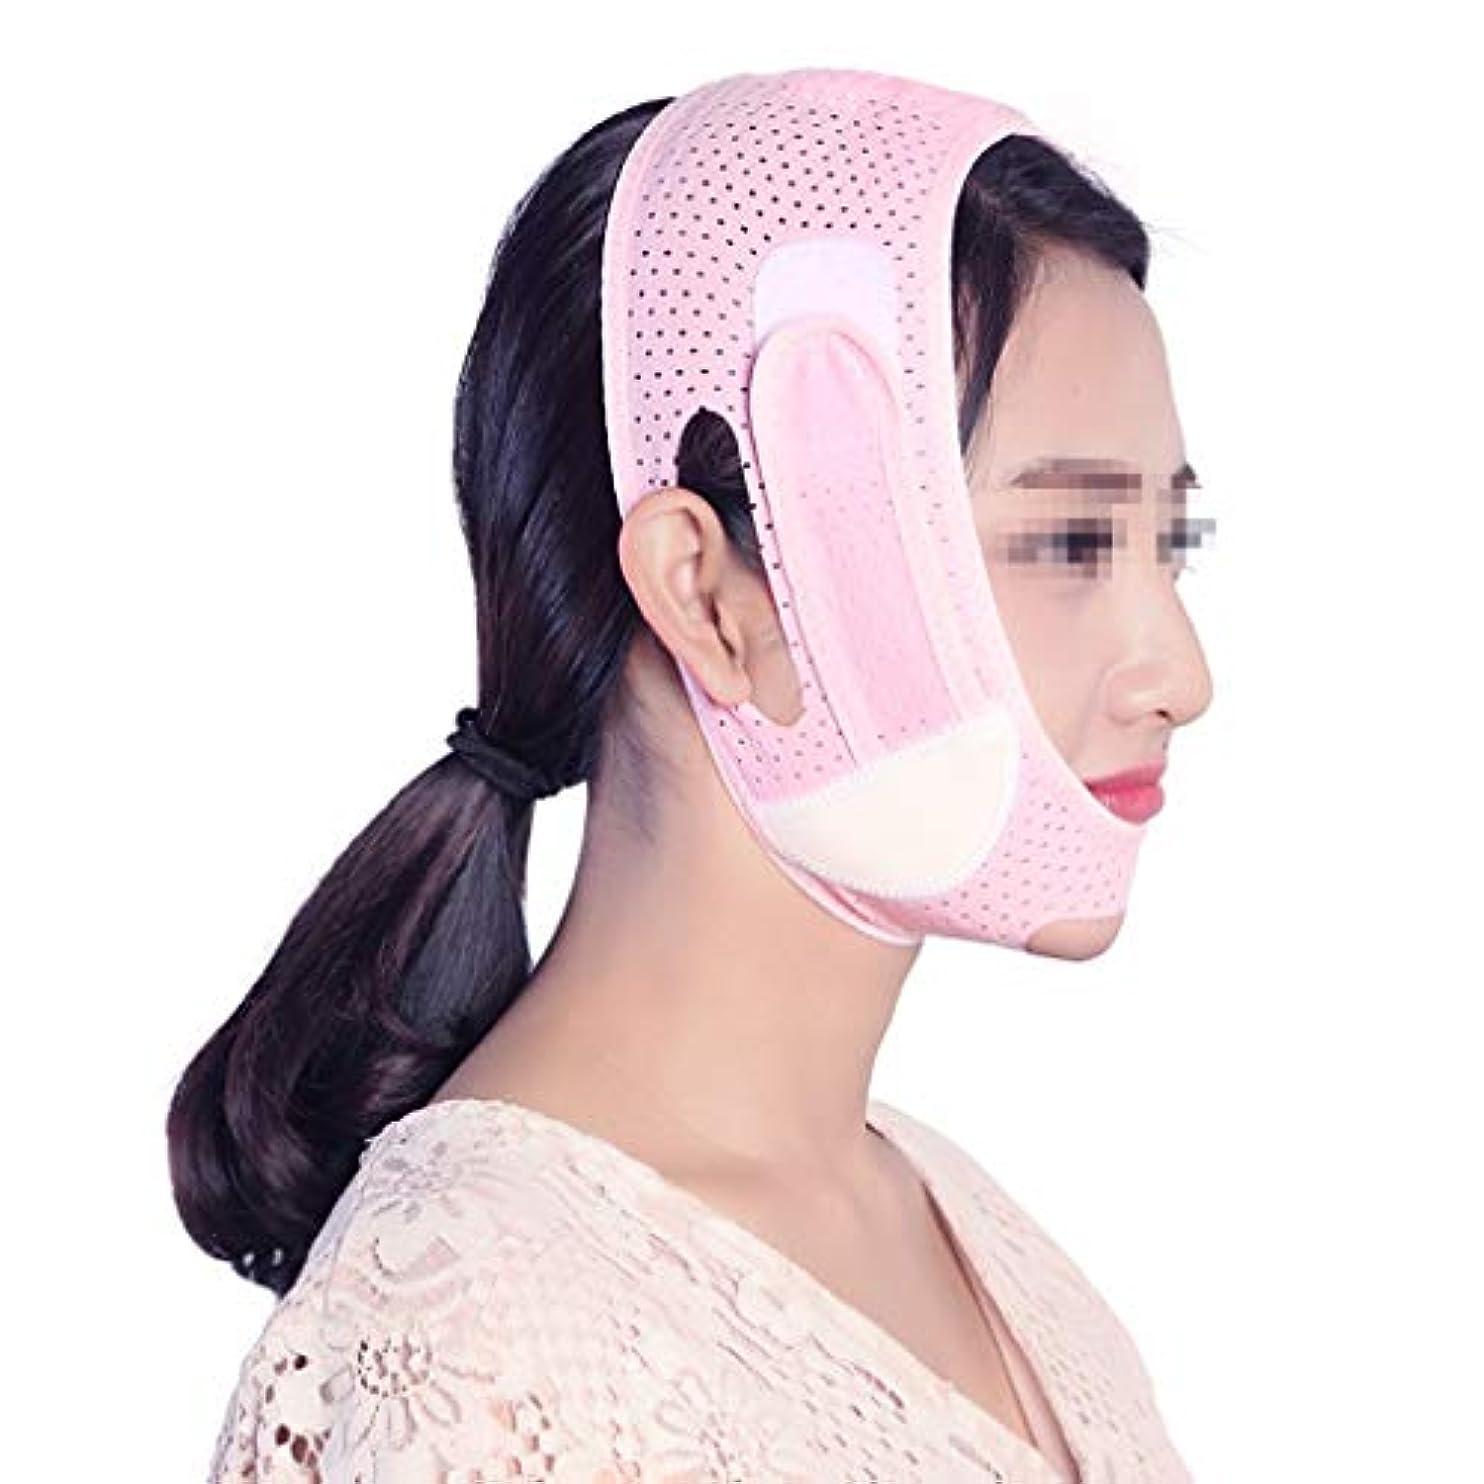 夜騒乱アリーナ睡眠薄い顔包帯、持ち上がる引きV顔引き締め防止二重あご薄い咬筋マスクピンク